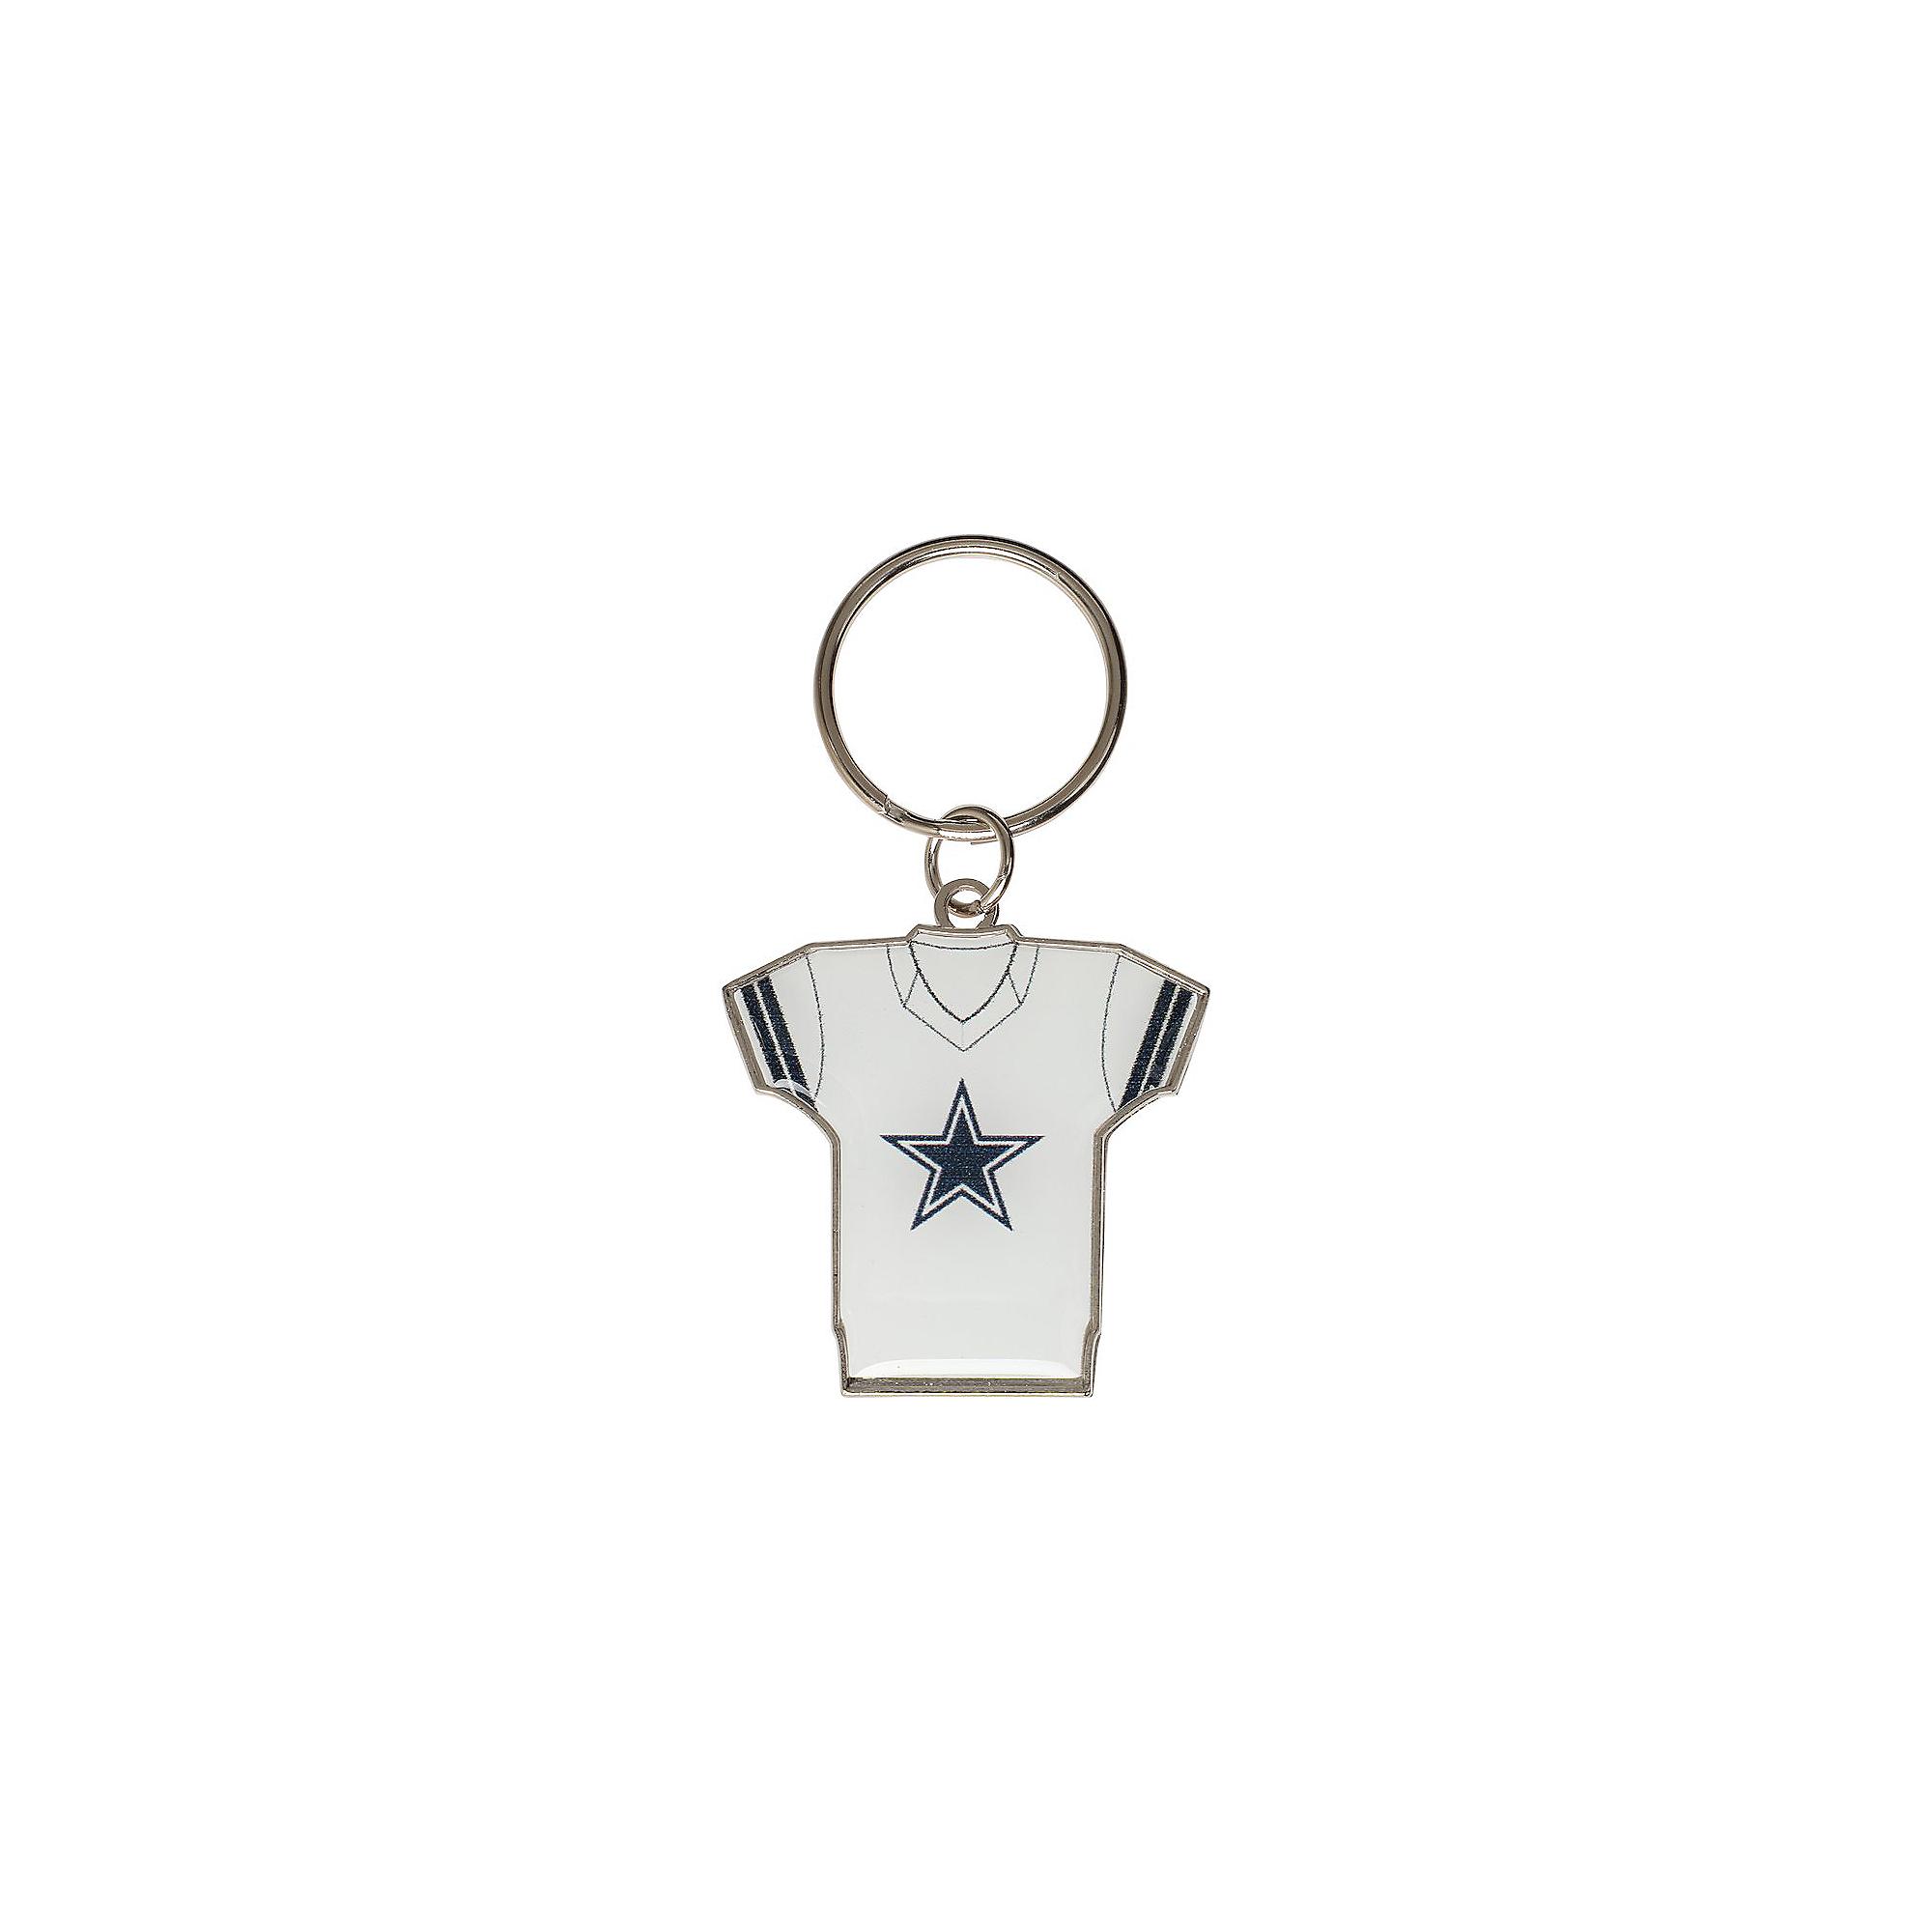 Dallas Cowboys Home & Away Jersey Keychain | Dallas Cowboys Pro Shop